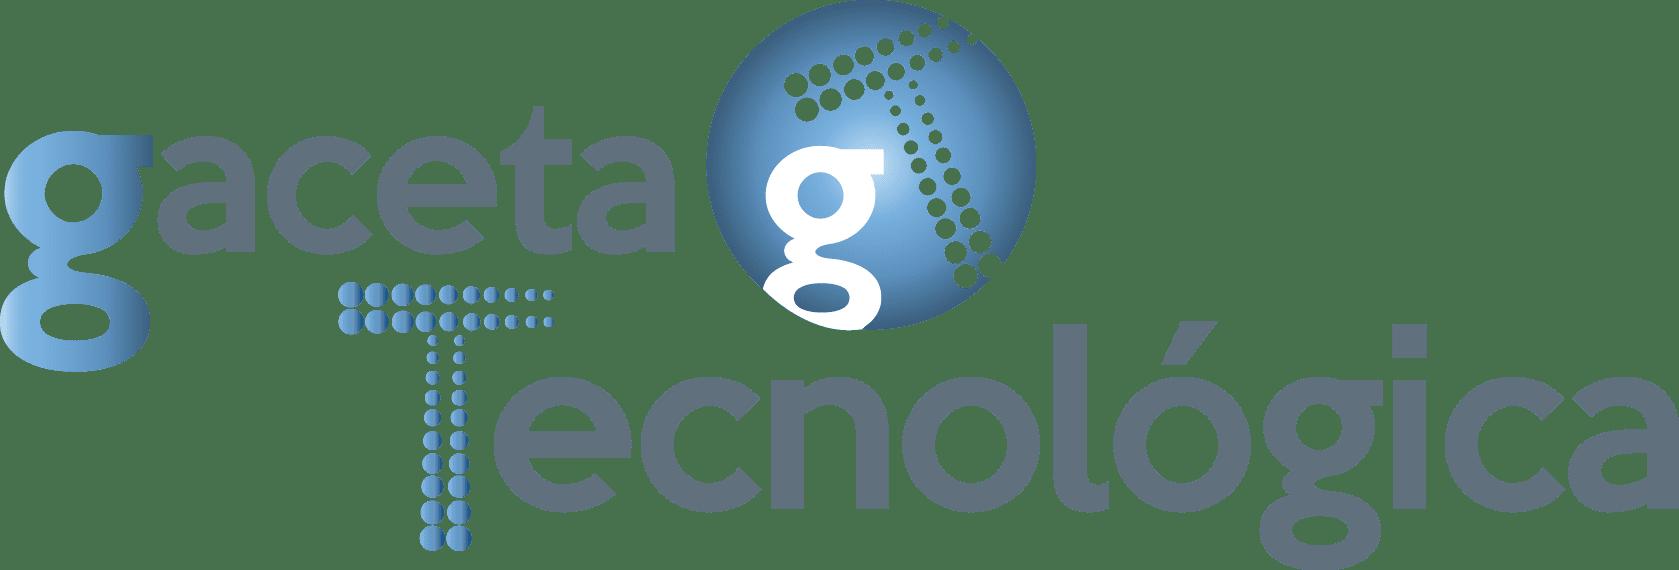 Gaceta Technologia